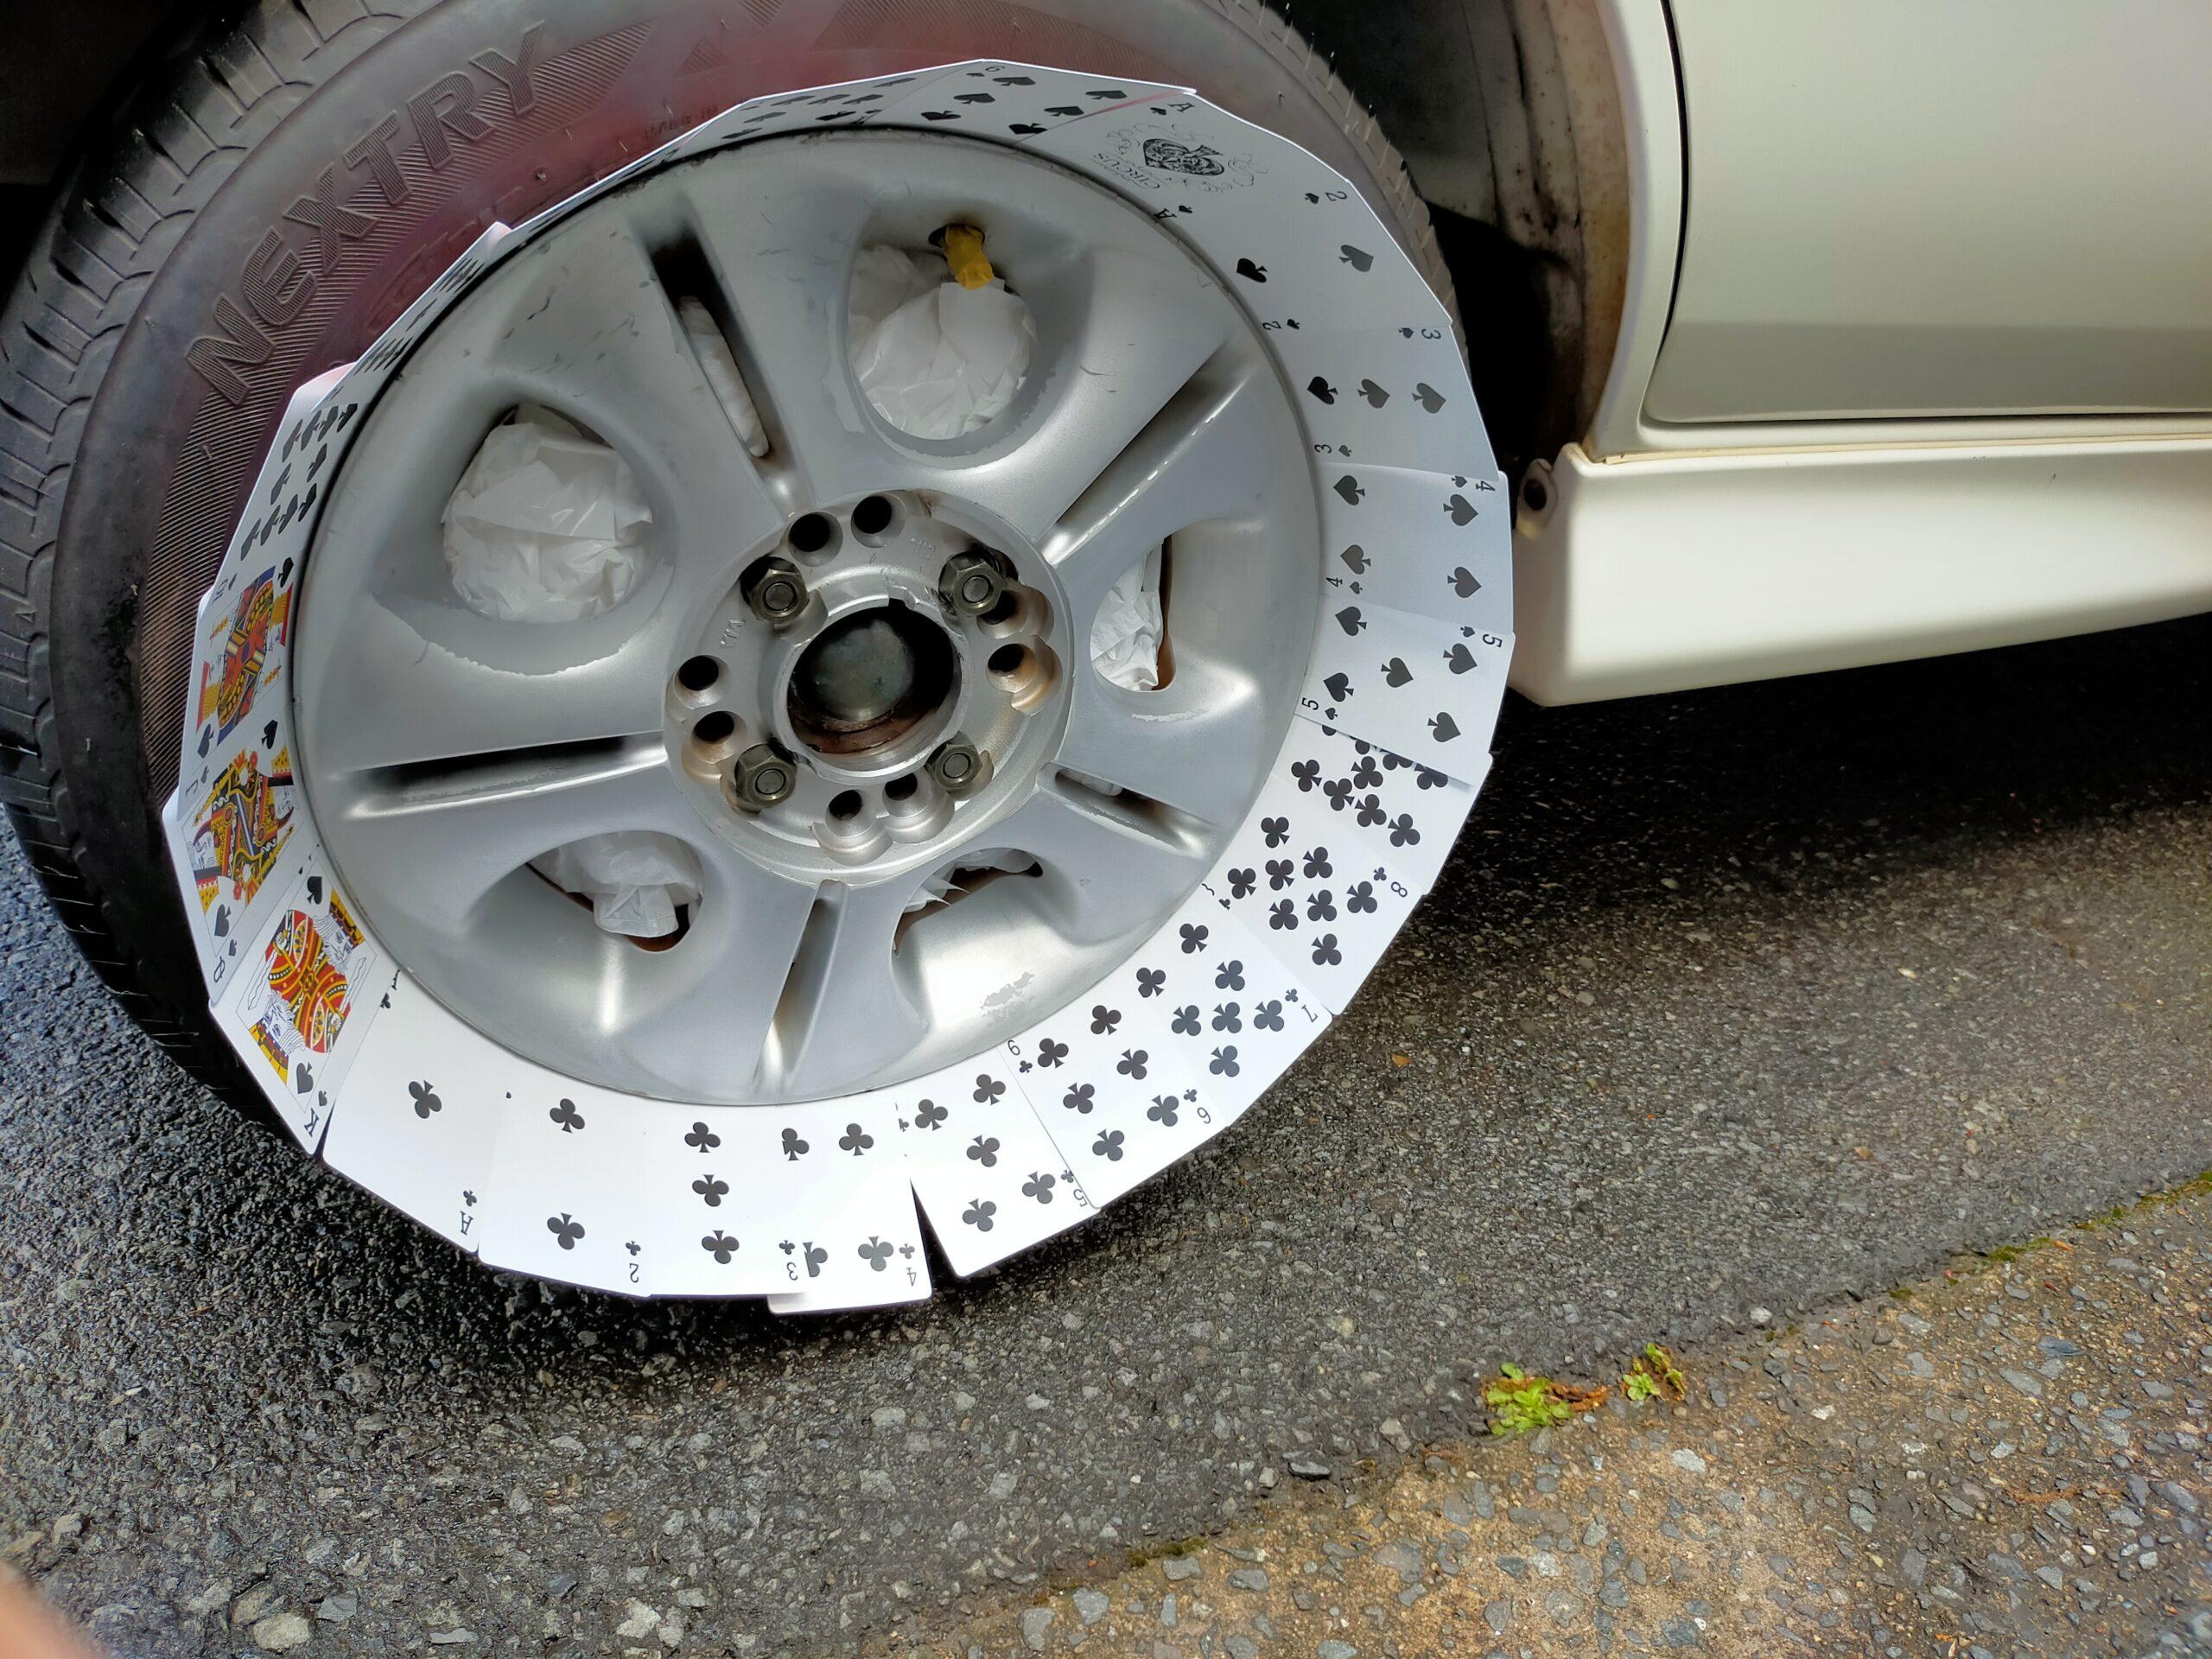 ホイールとタイヤの間にトランプを挟んだエブリィワゴンのホイール